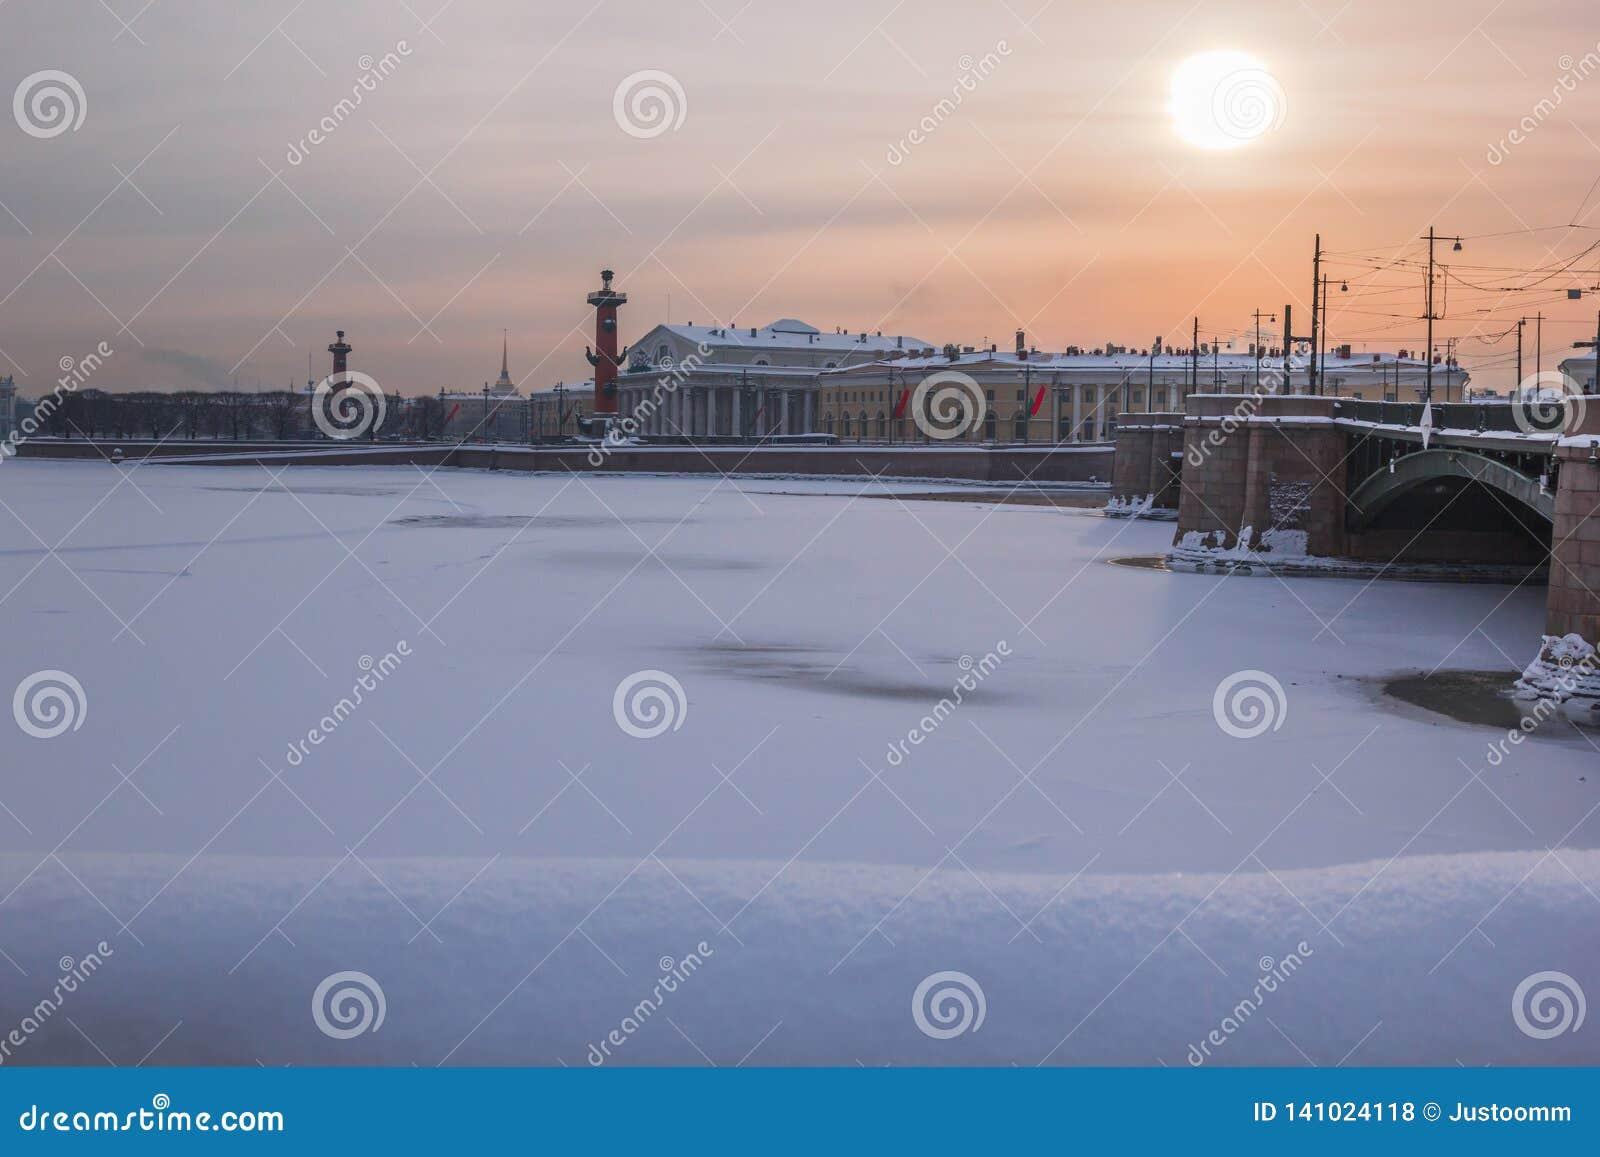 Άγιος Πετρούπολη, Ρωσία - 27 Ιανουαρίου 2019: Χειμερινή άποψη της Αγία Πετρούπολης, Ρωσία, με τη γέφυρα παλατιών, ο ραμφικός